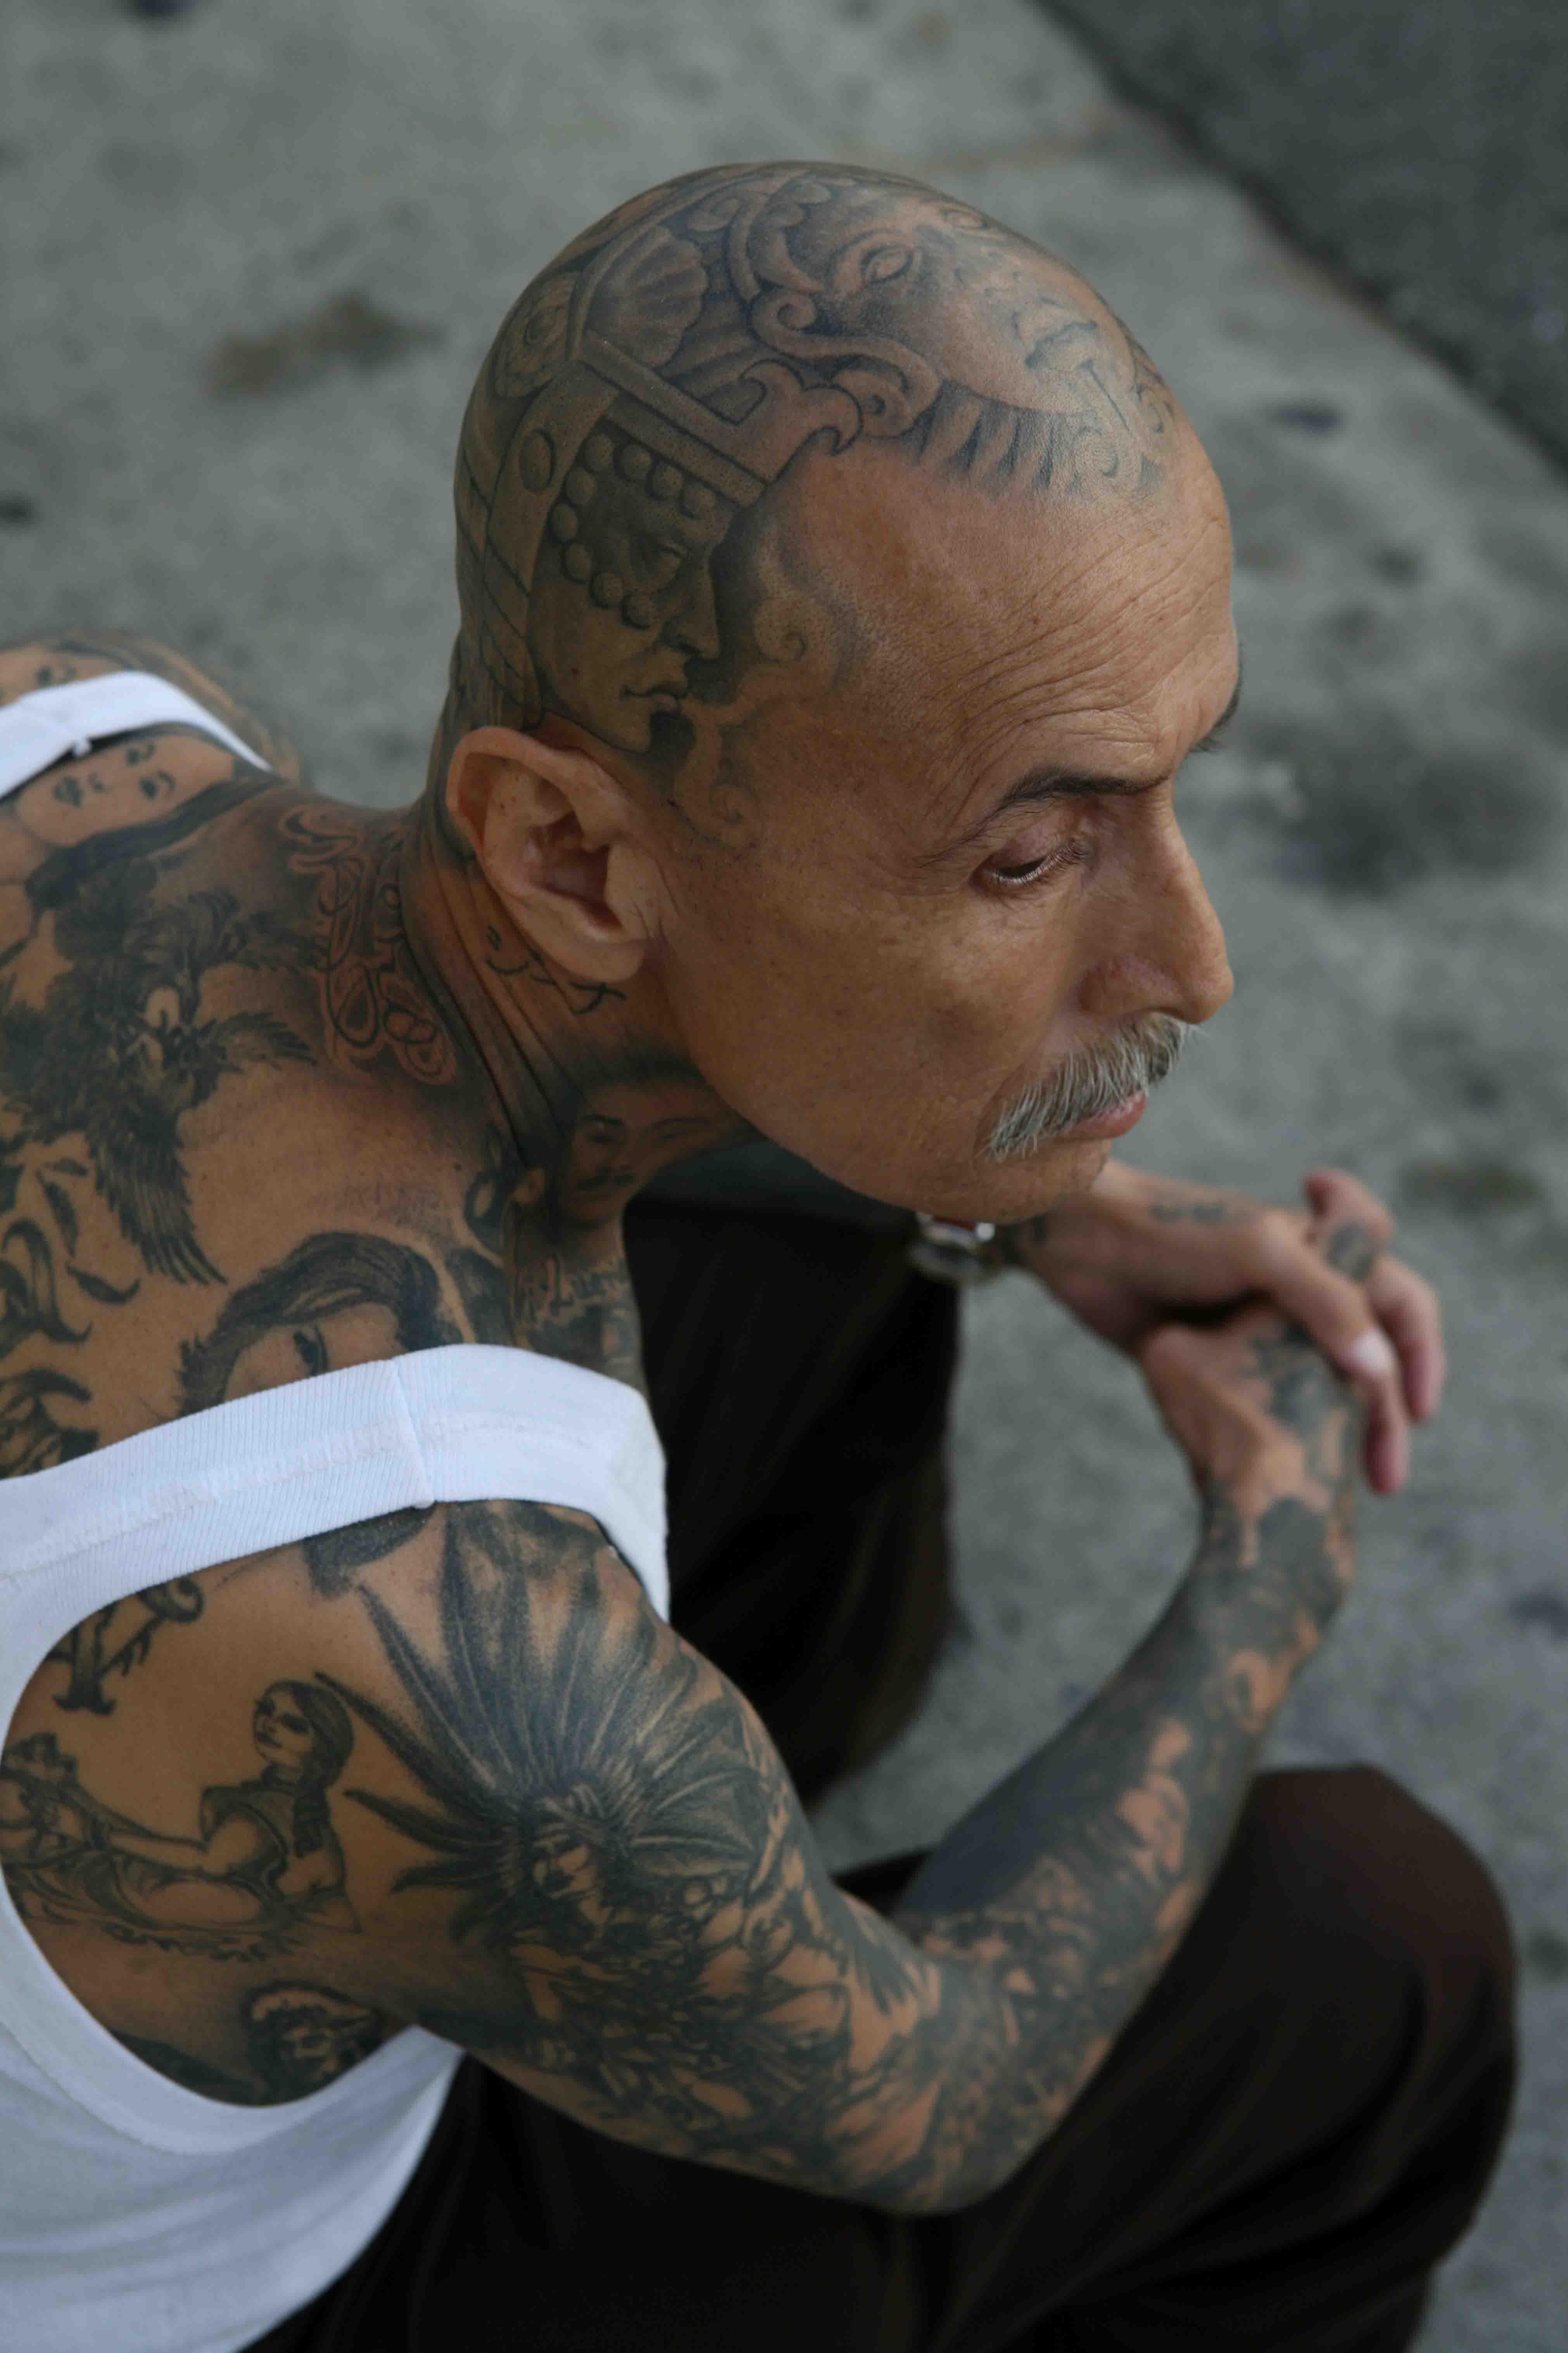 Chuco Tattoos